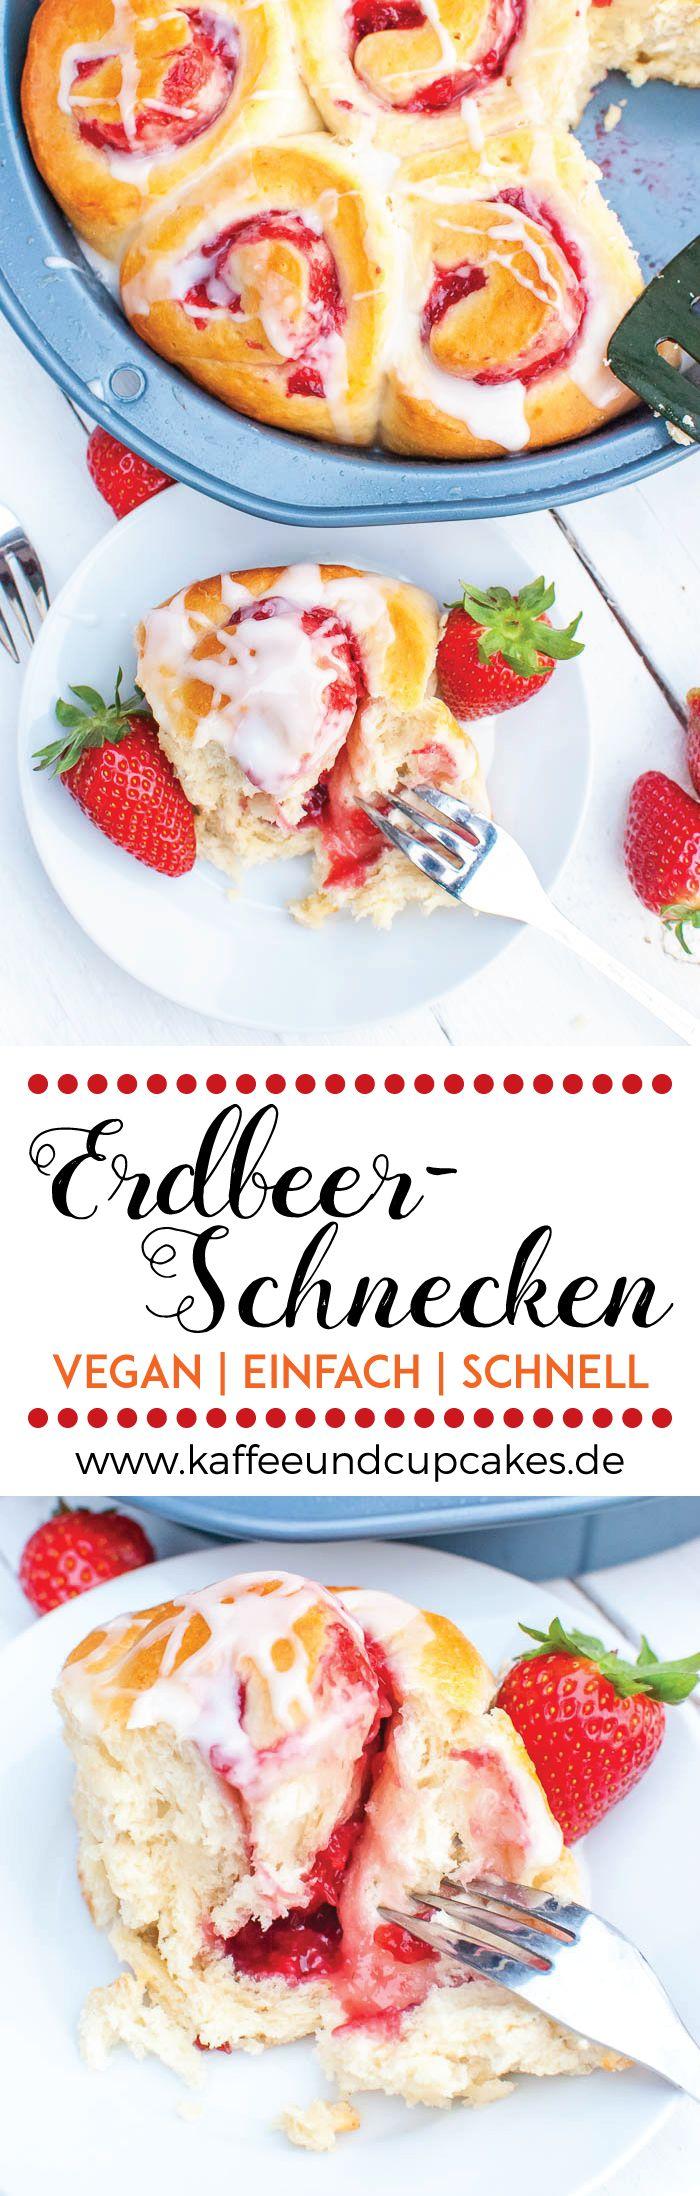 Schnelle vegane Erdbeer-Schnecken mit Guss   Kaffee & Cupcakes